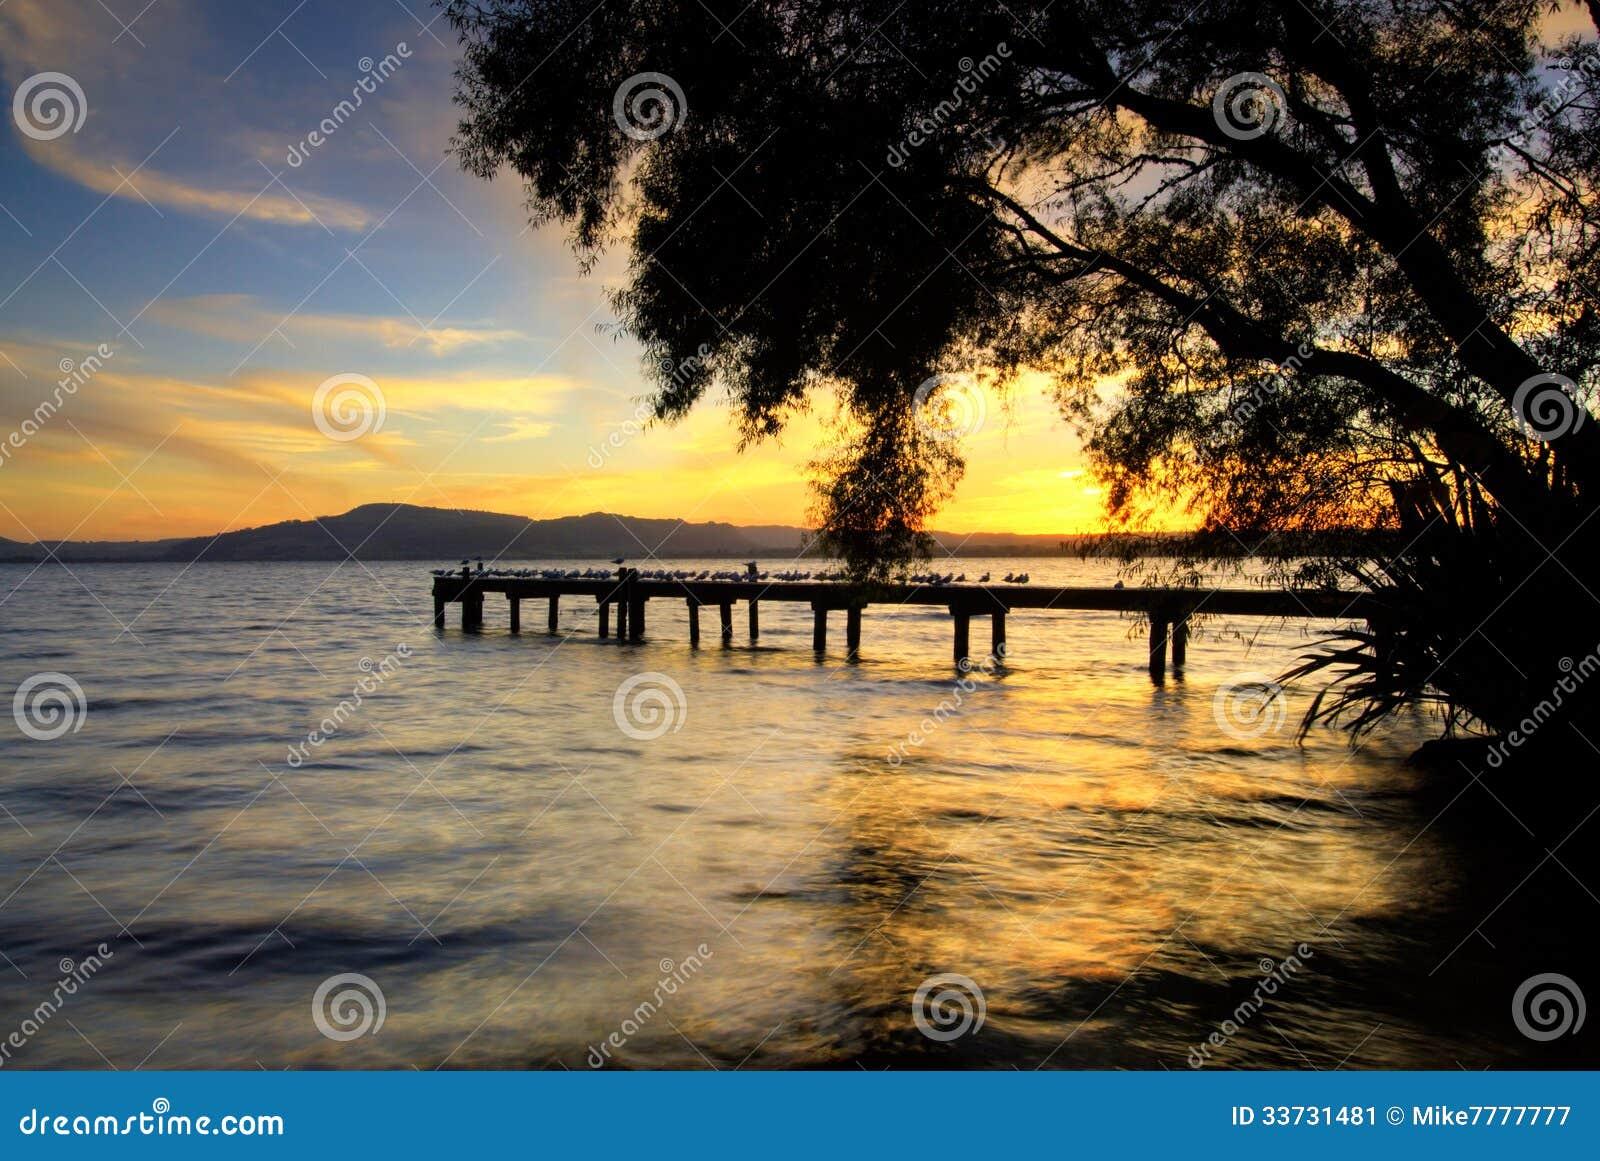 Озеро Rotorua на заходе солнца. Северный остров, Новая Зеландия